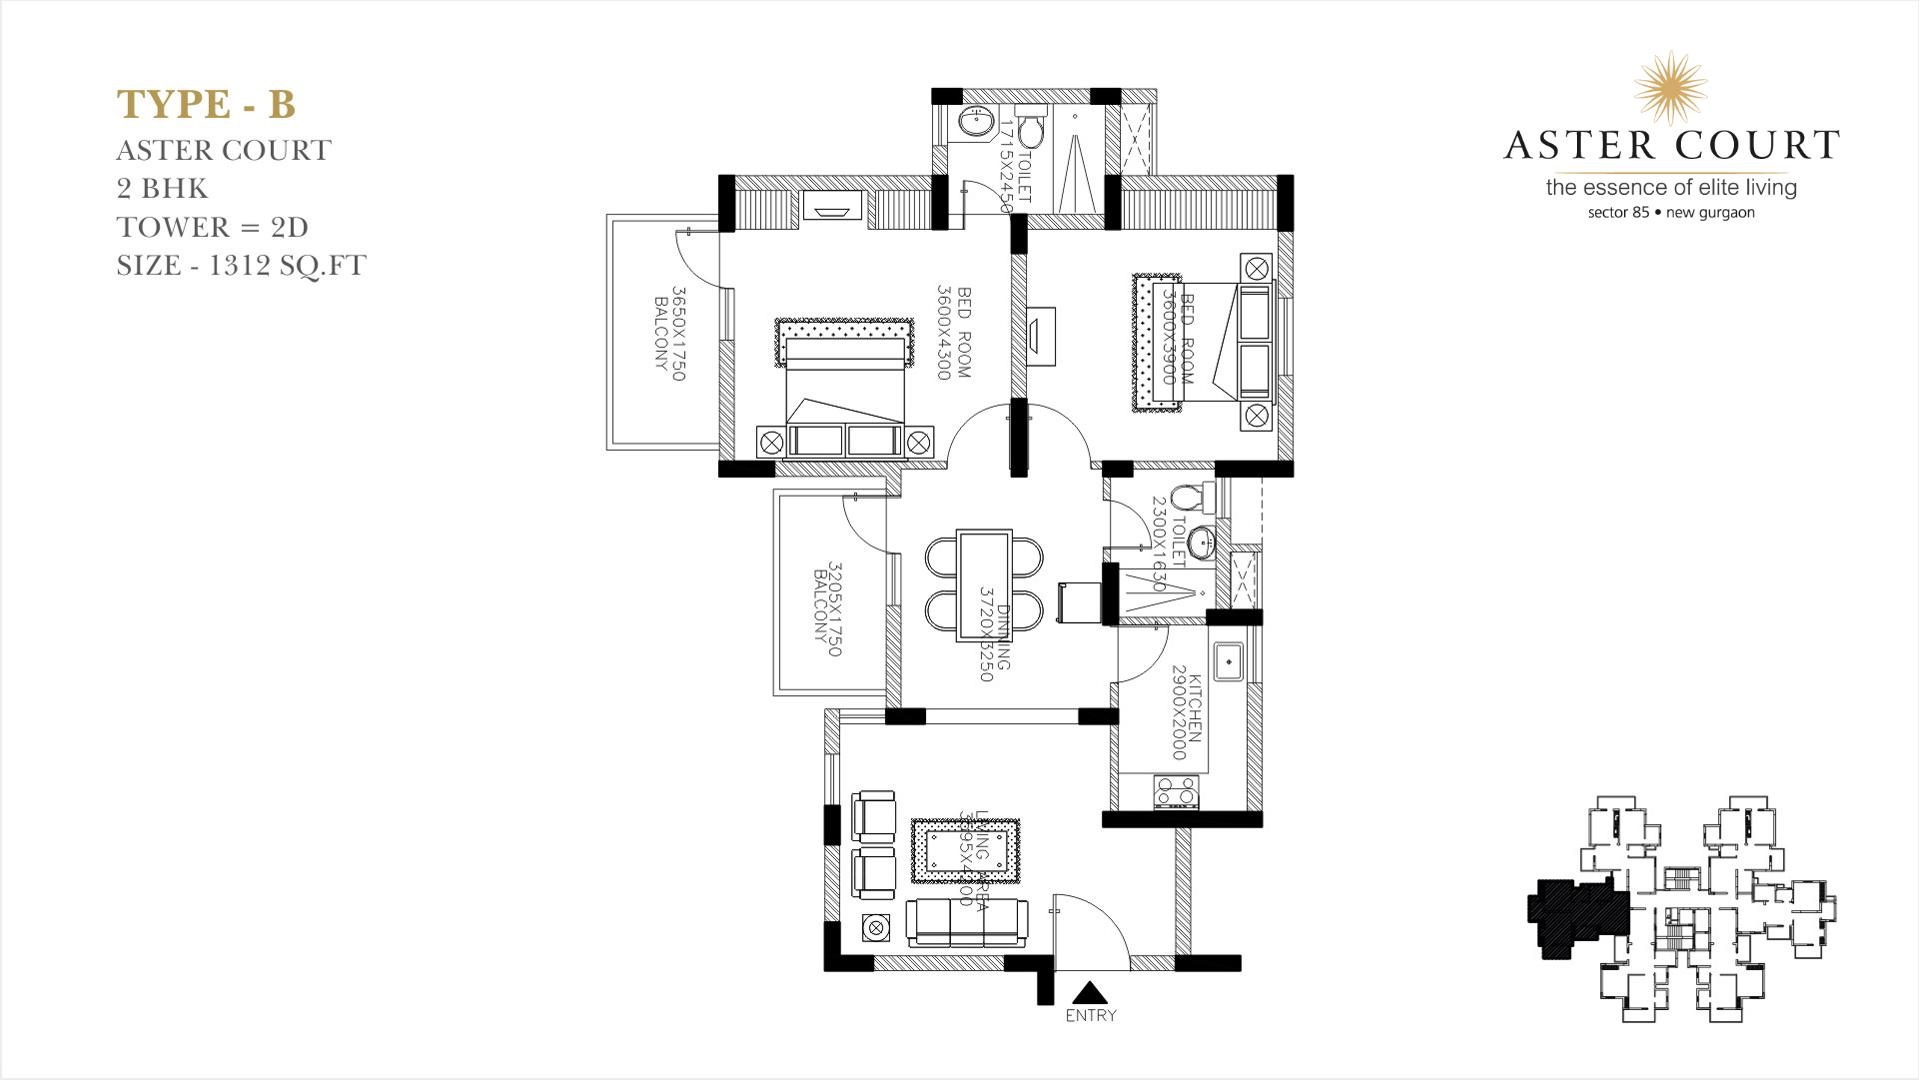 Aster Court Floor Plan 2